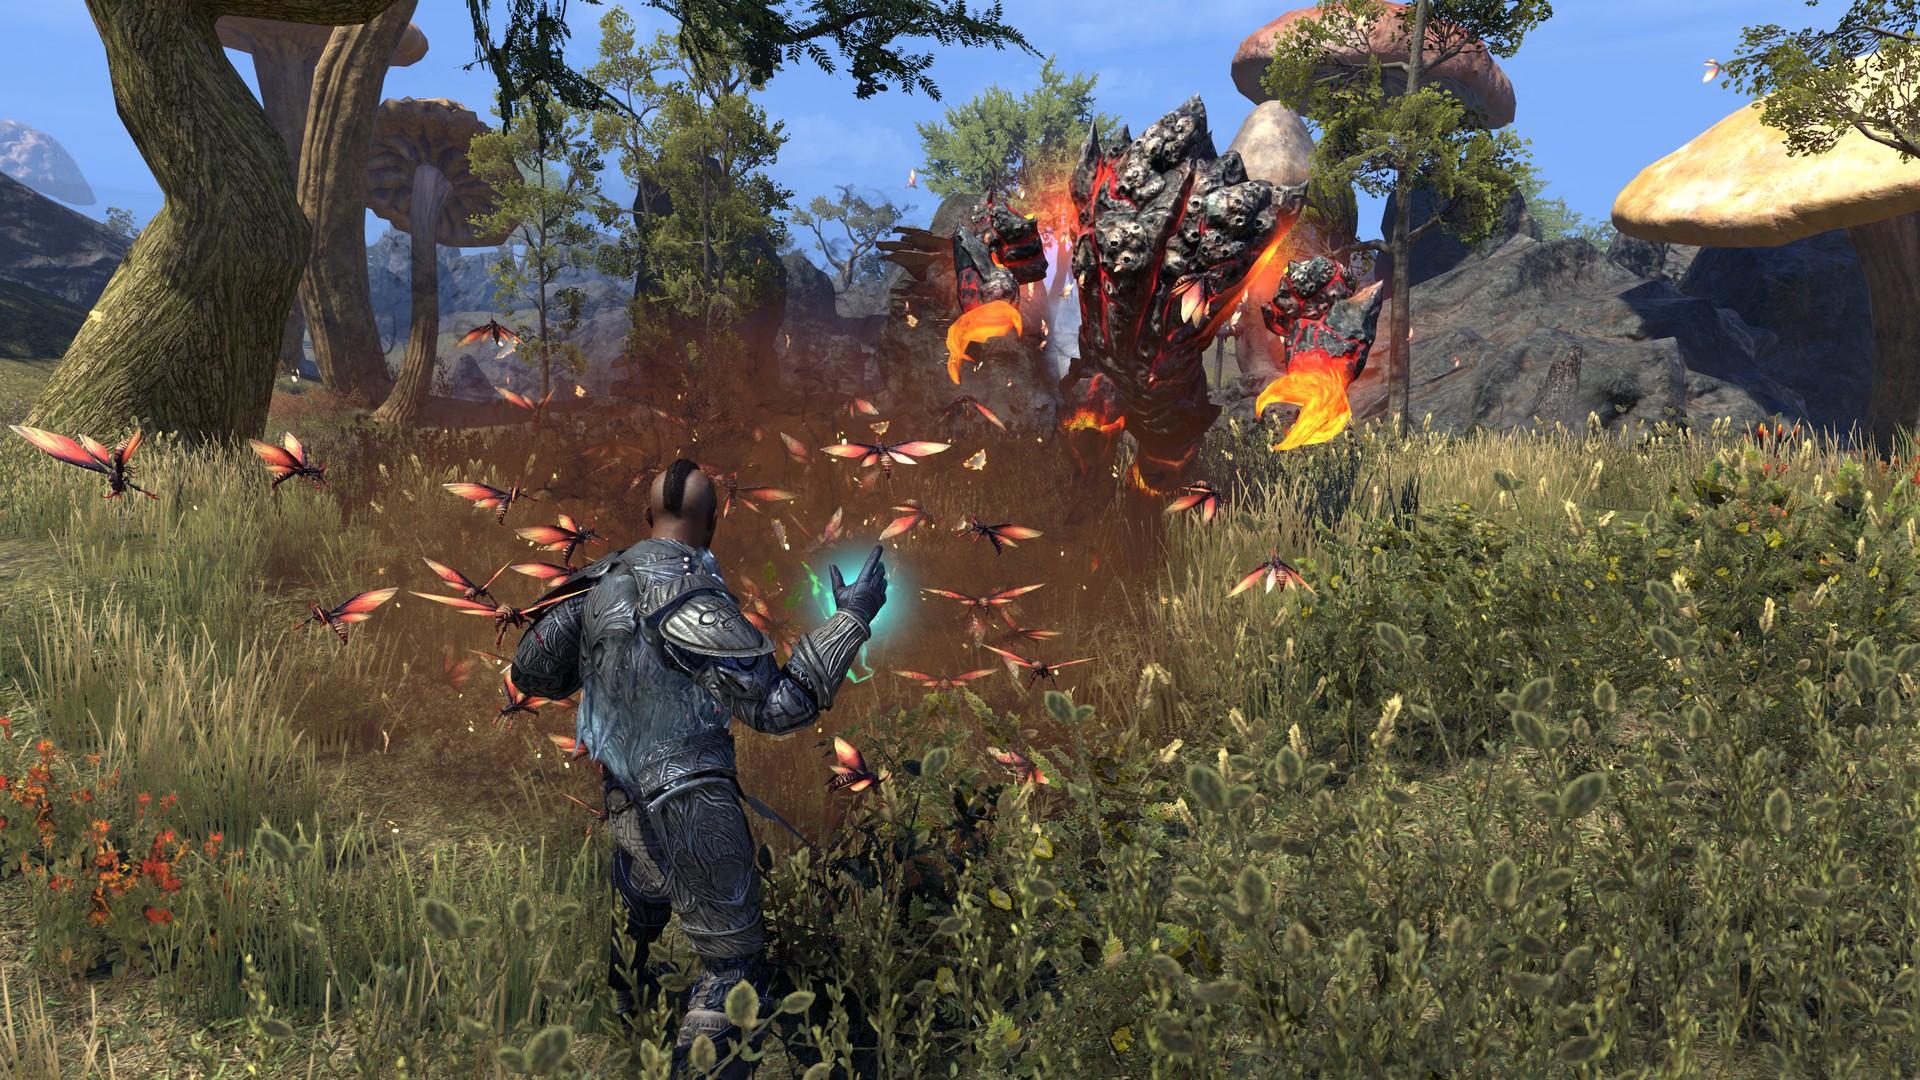 Elder Scrolls Online Morrowind Preview